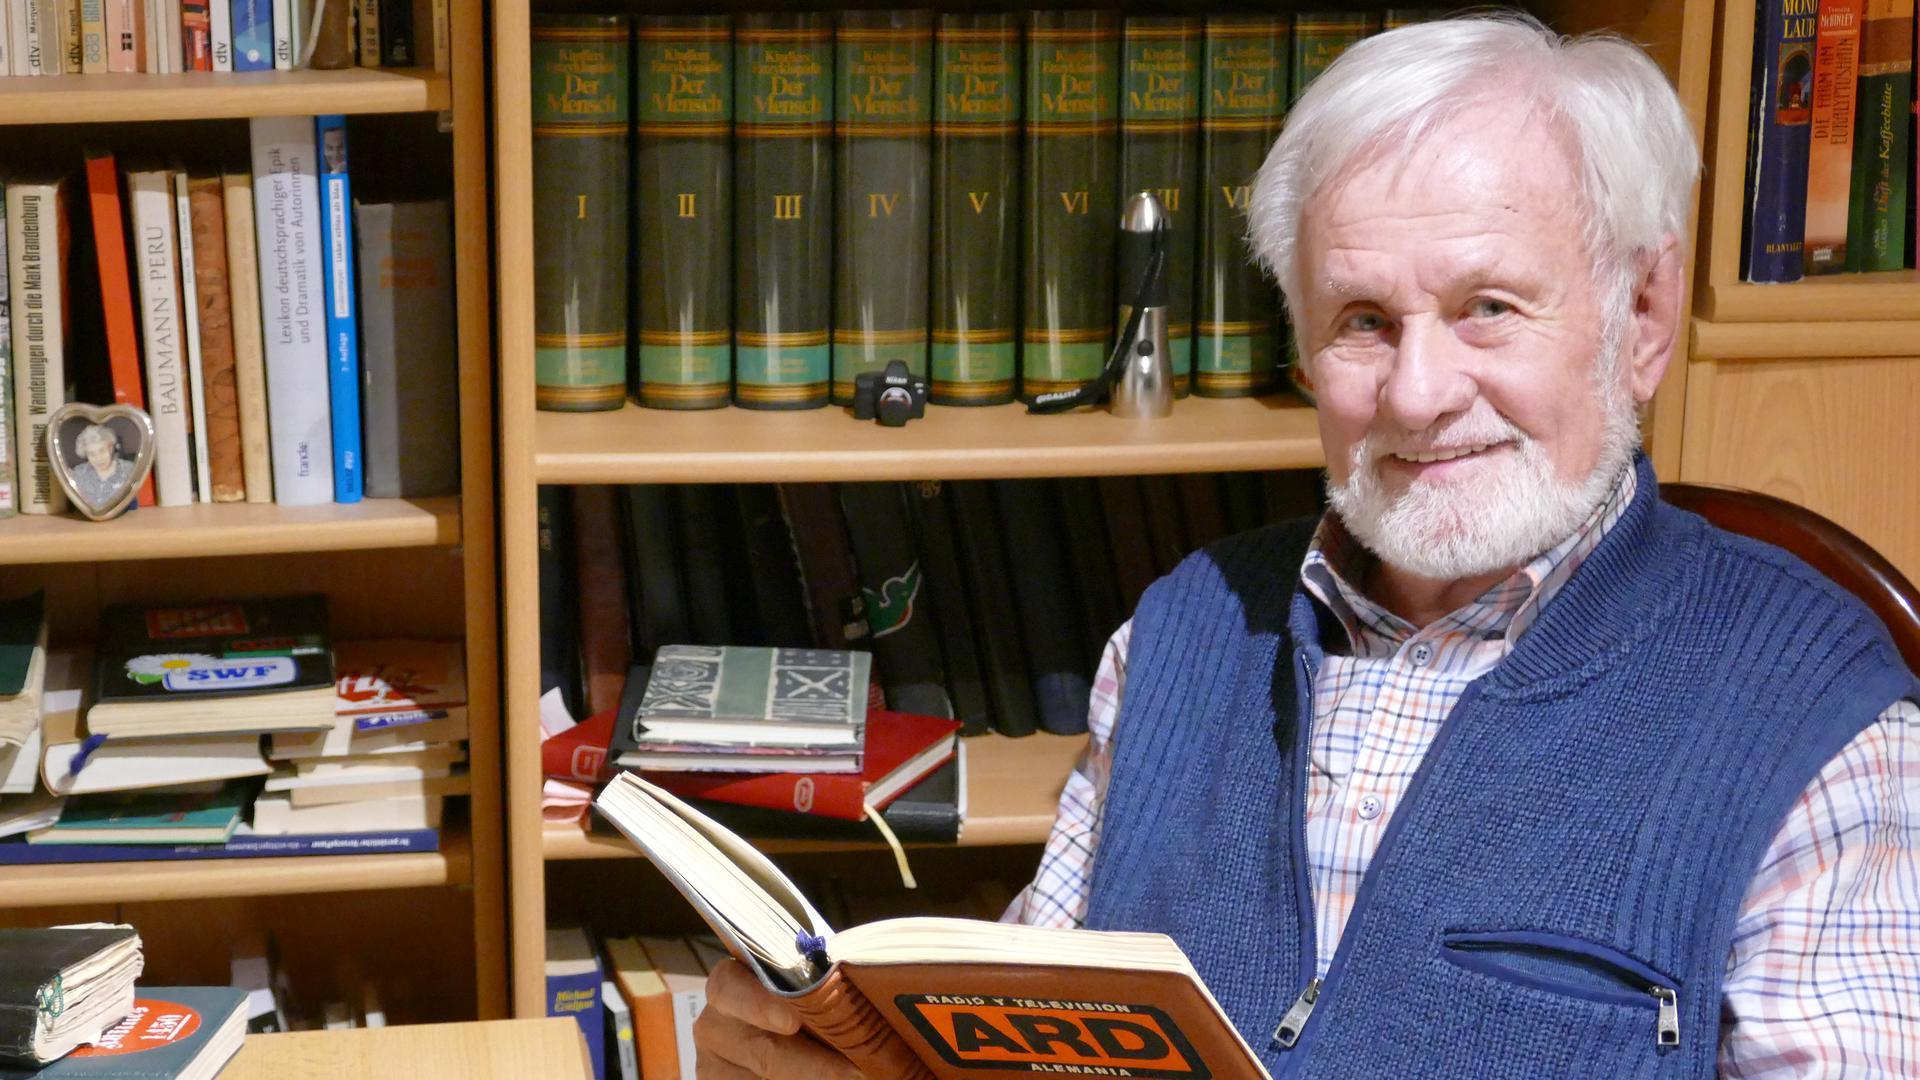 Fesselnder als ein Krimi sind Peter Wendts Tagebücher. Der SWR-Kameramann hat sie bei Auslandseinsätzen verfasst. Jetzt hat er daraus ein Buch gemacht.